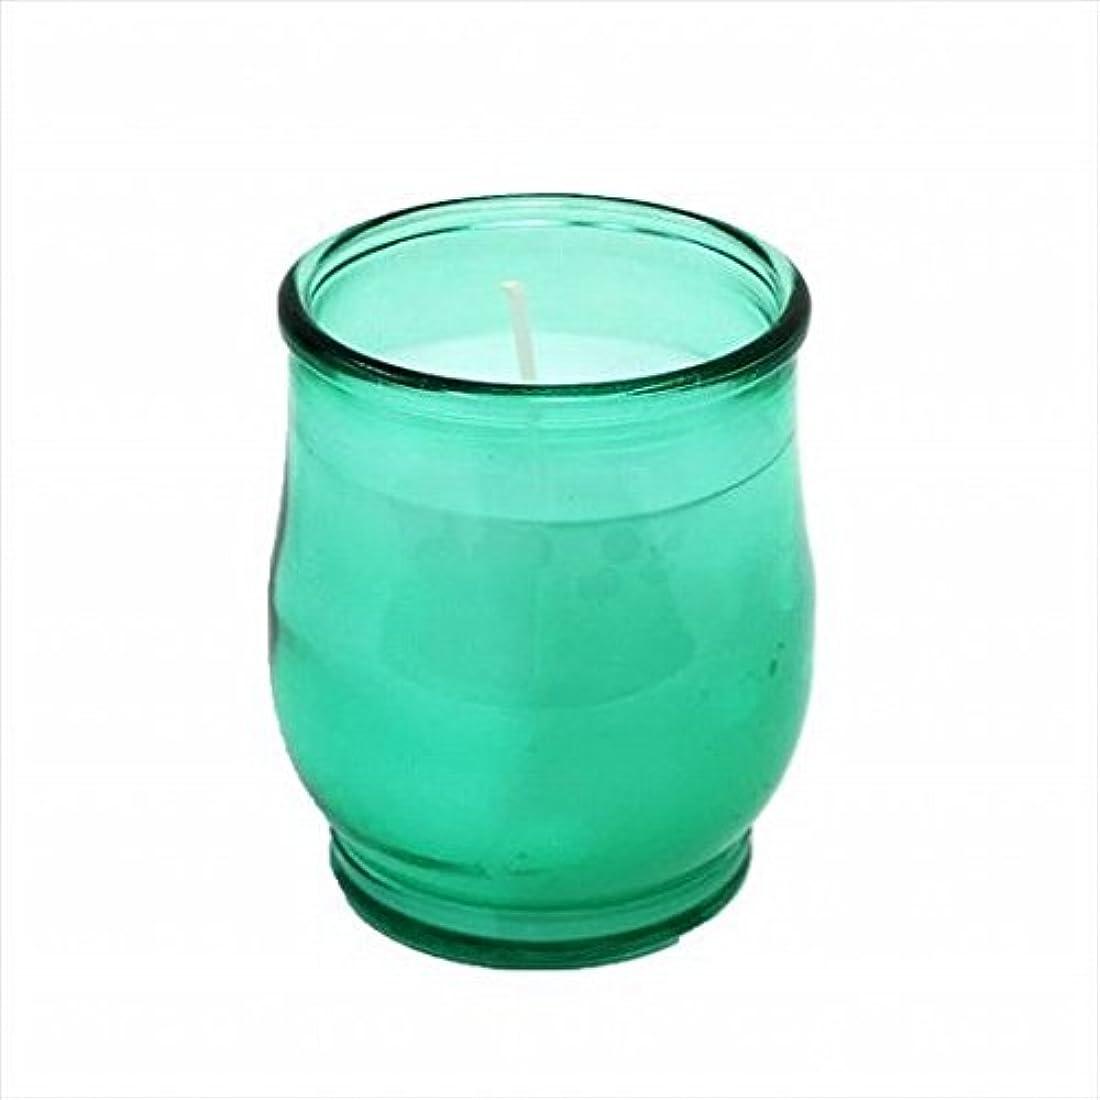 排泄するレビュアービクターkameyama candle(カメヤマキャンドル) ポシェ(非常用コップローソク) 「 グリーン(ライトカラー) 」 キャンドル 68x68x80mm (73020030G)